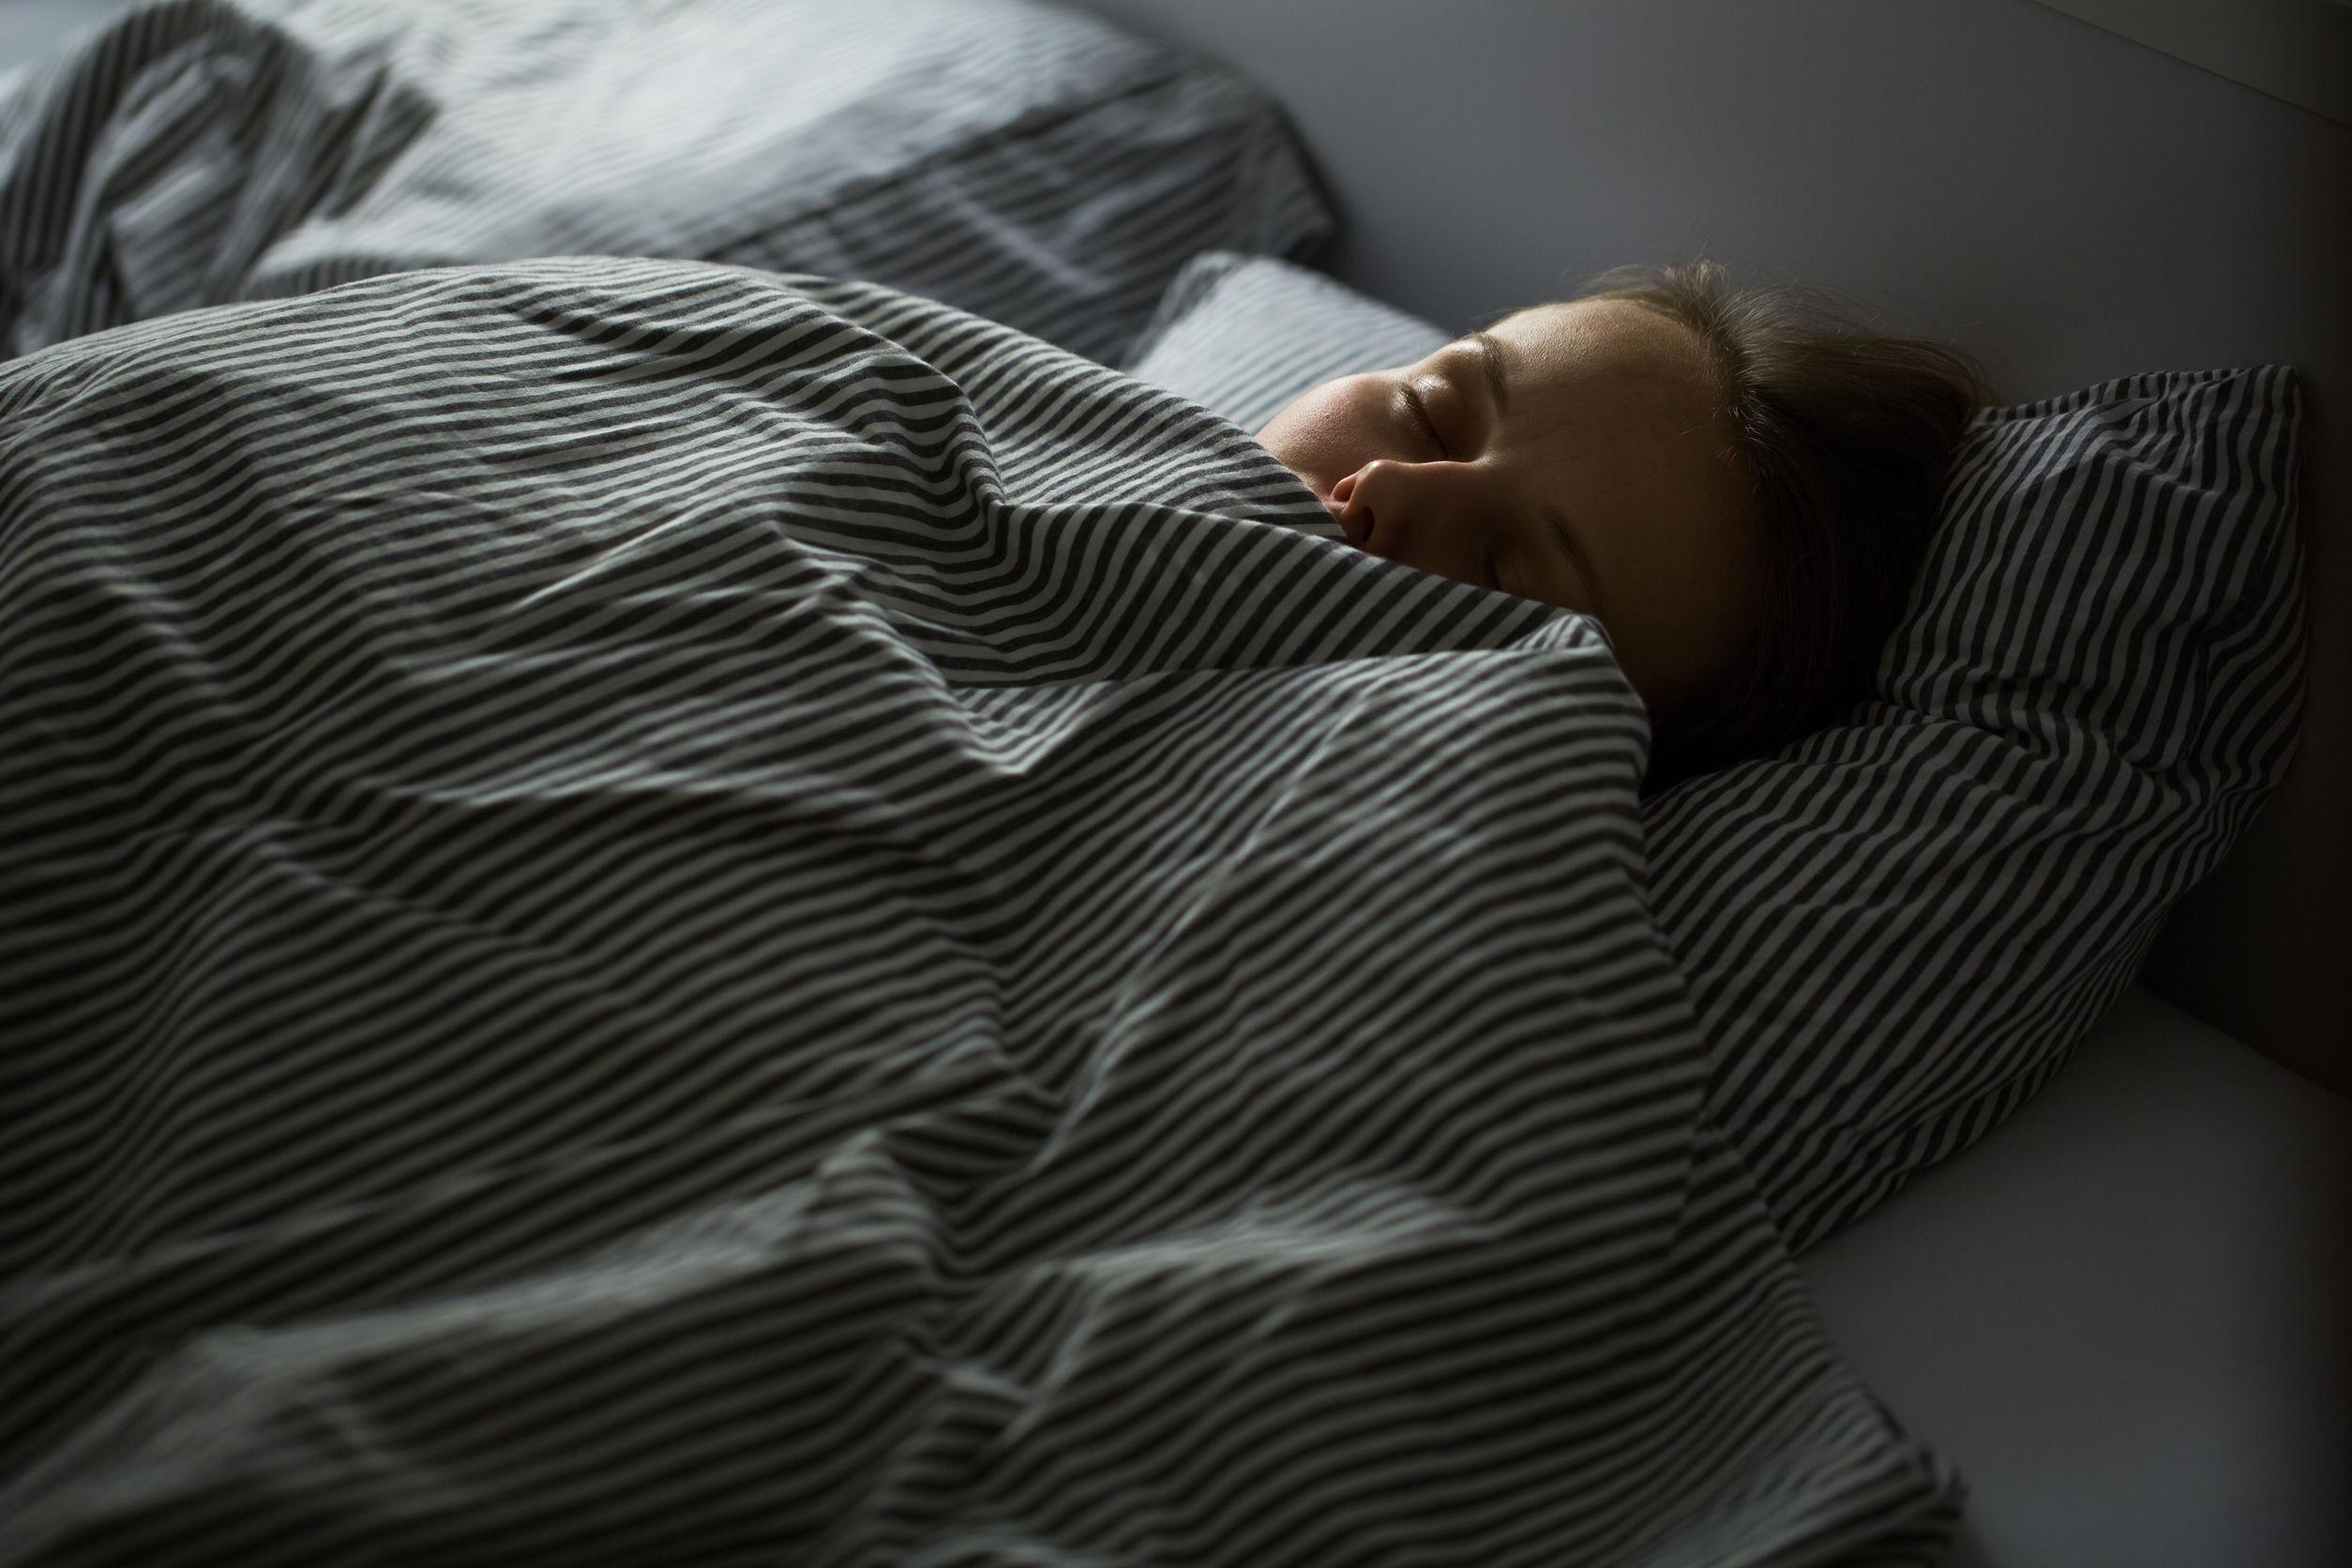 O sono REM é importante na retenção de memórias - Notícias e análises sobre o médico naturopata 1